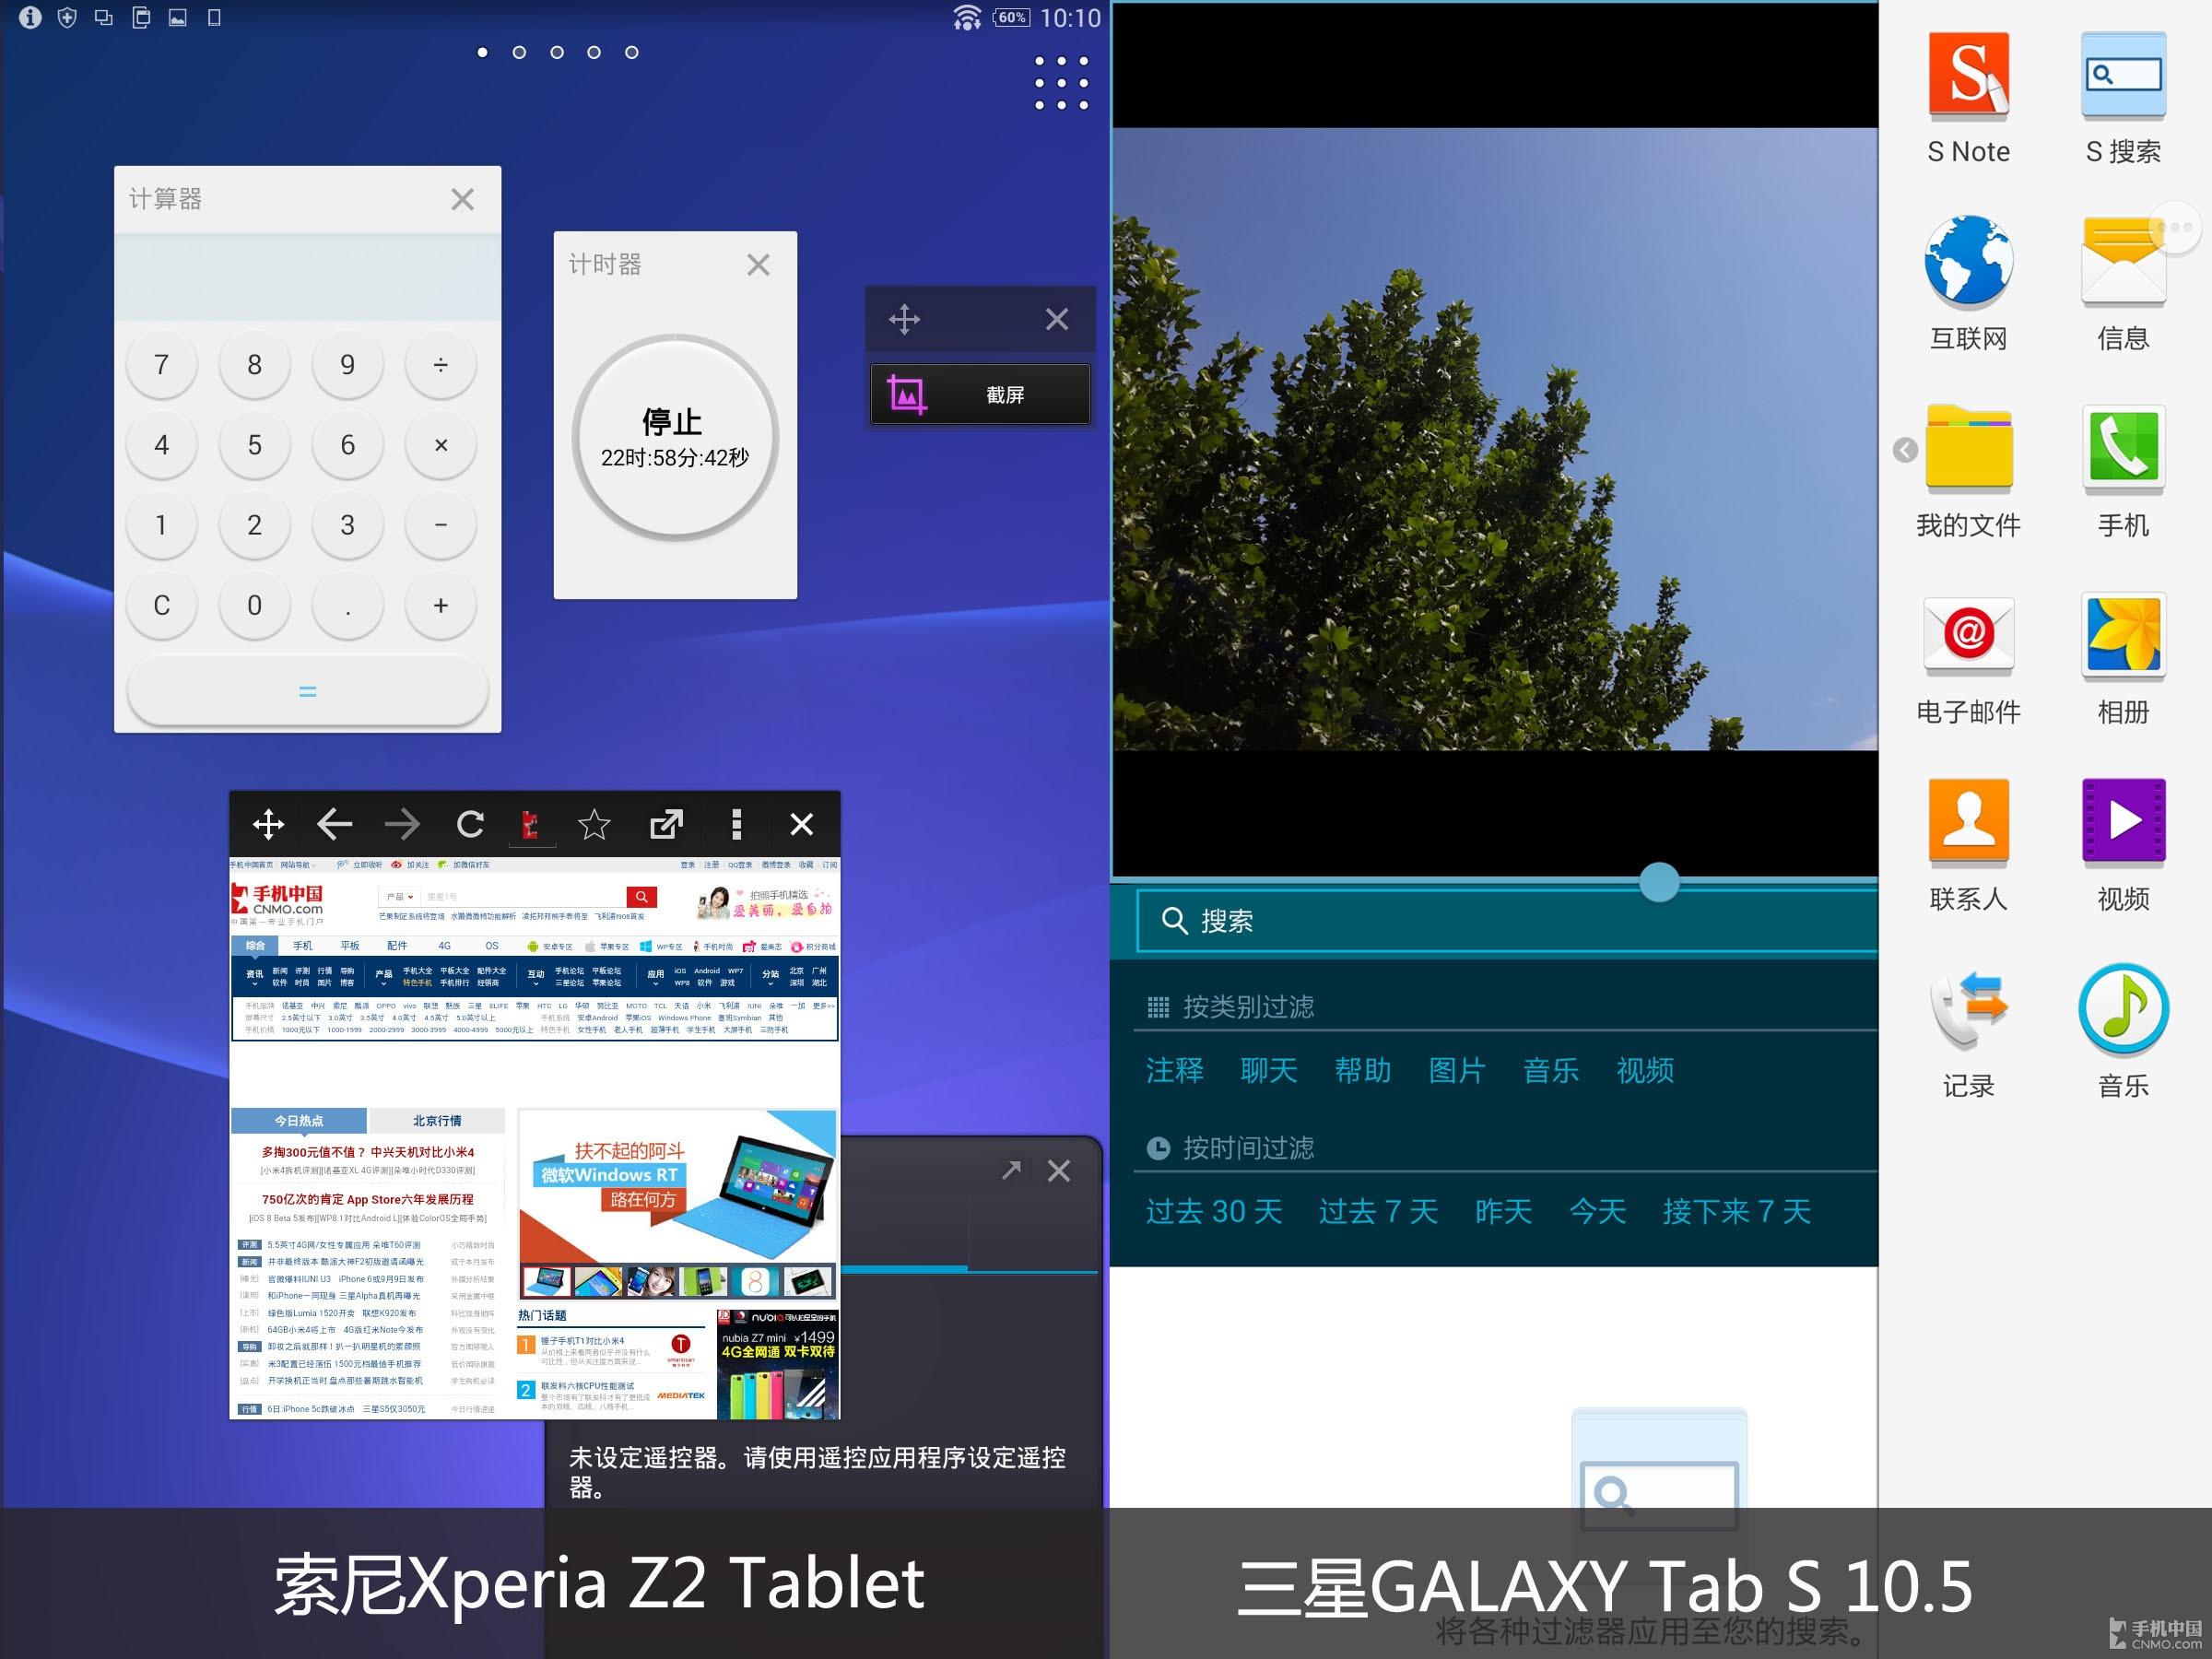 薄才尽兴 索尼Z2 Tablet对比三星Tab S